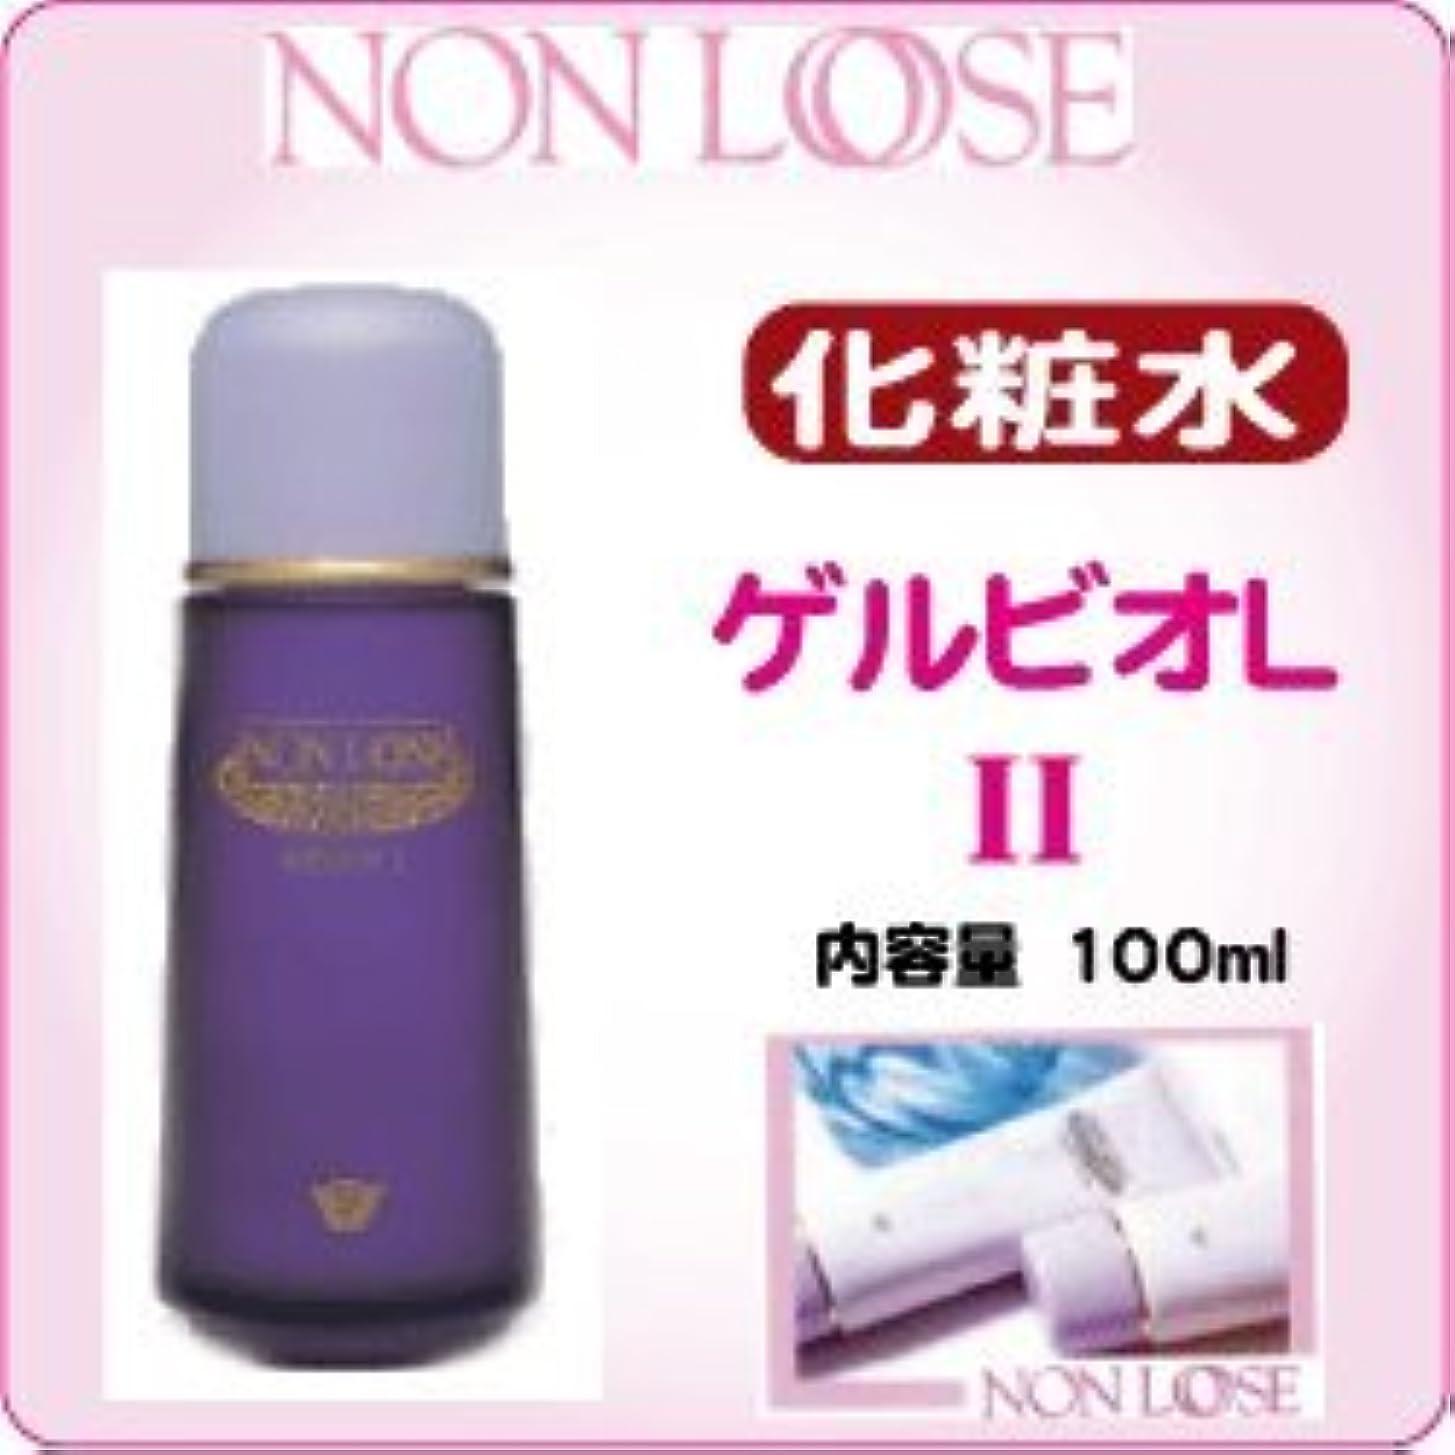 四回承認するクリスマスベルマン化粧品:ゲルビオL-Ⅱ(100ml)